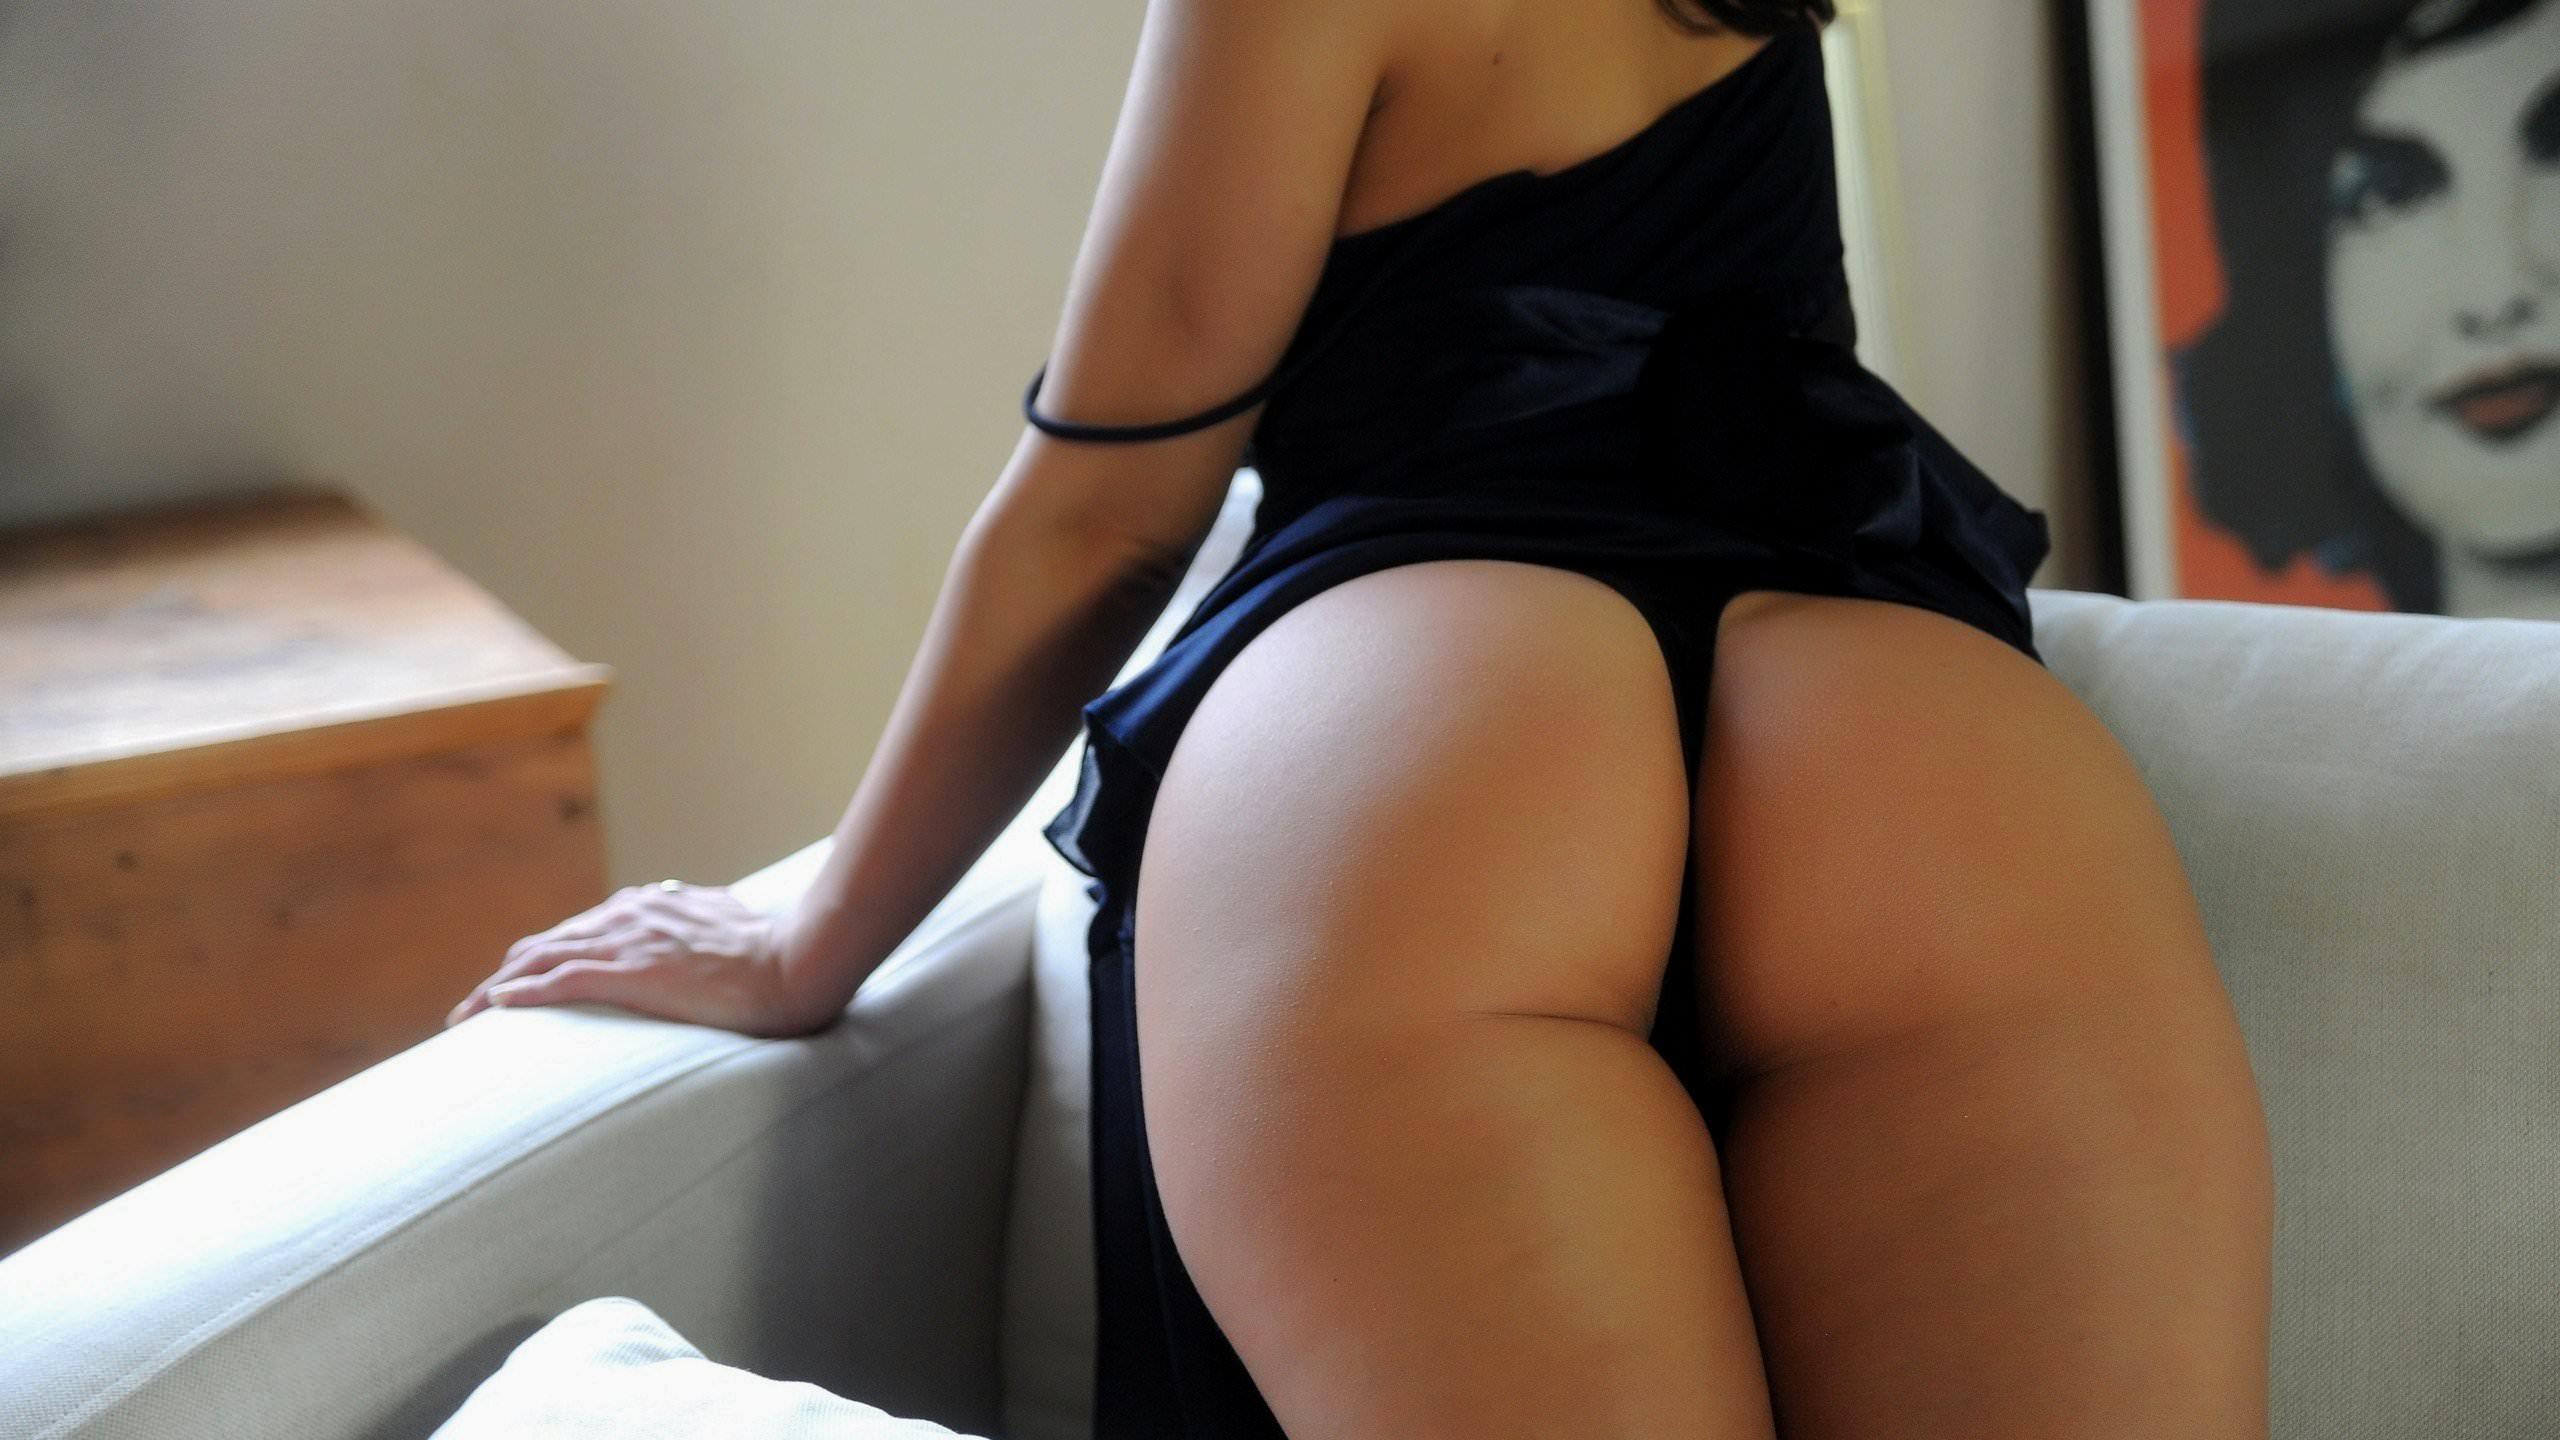 Вид трусиков сзади девушки, фото голые ибица